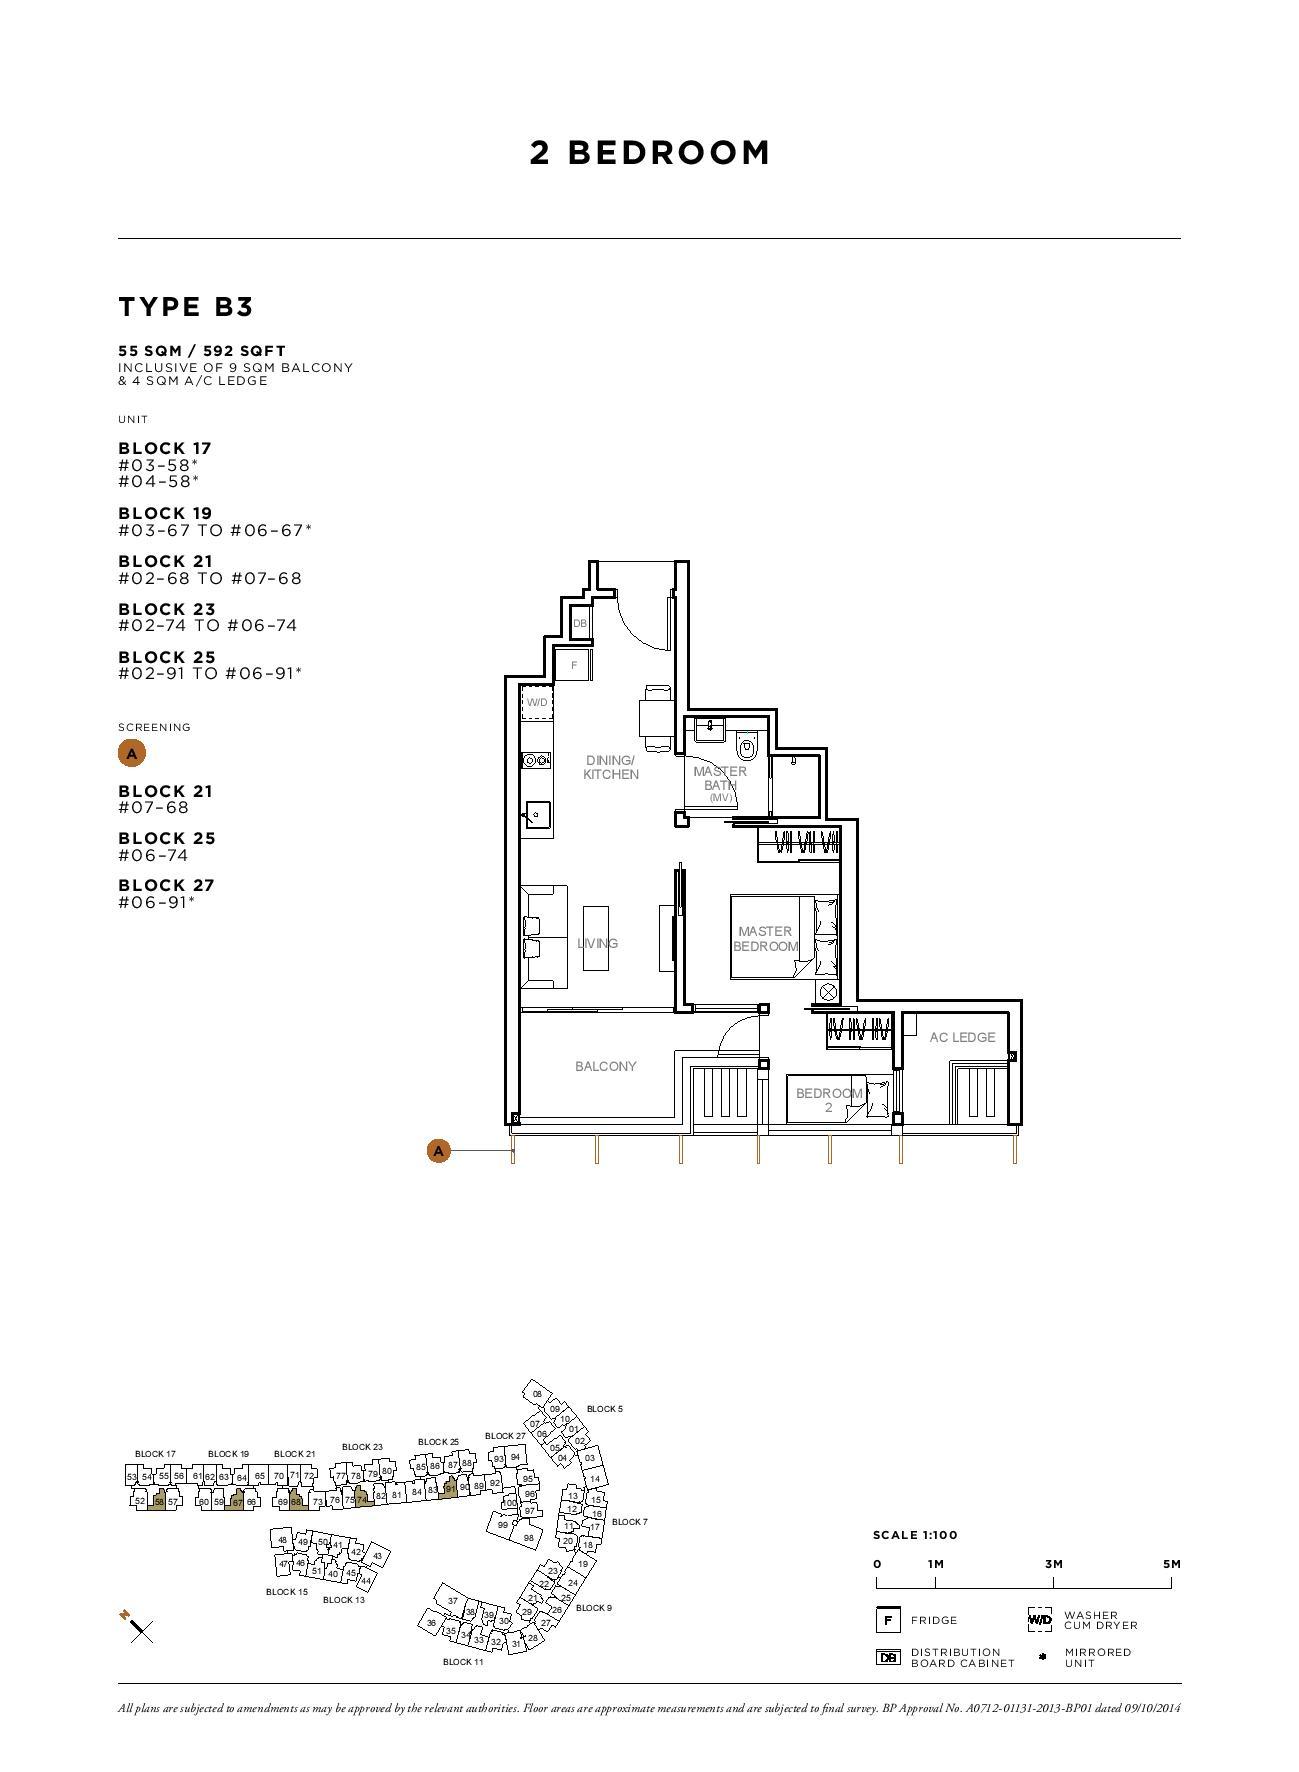 Sophia Hills 2 Bedroom Type B3 Floor Plans